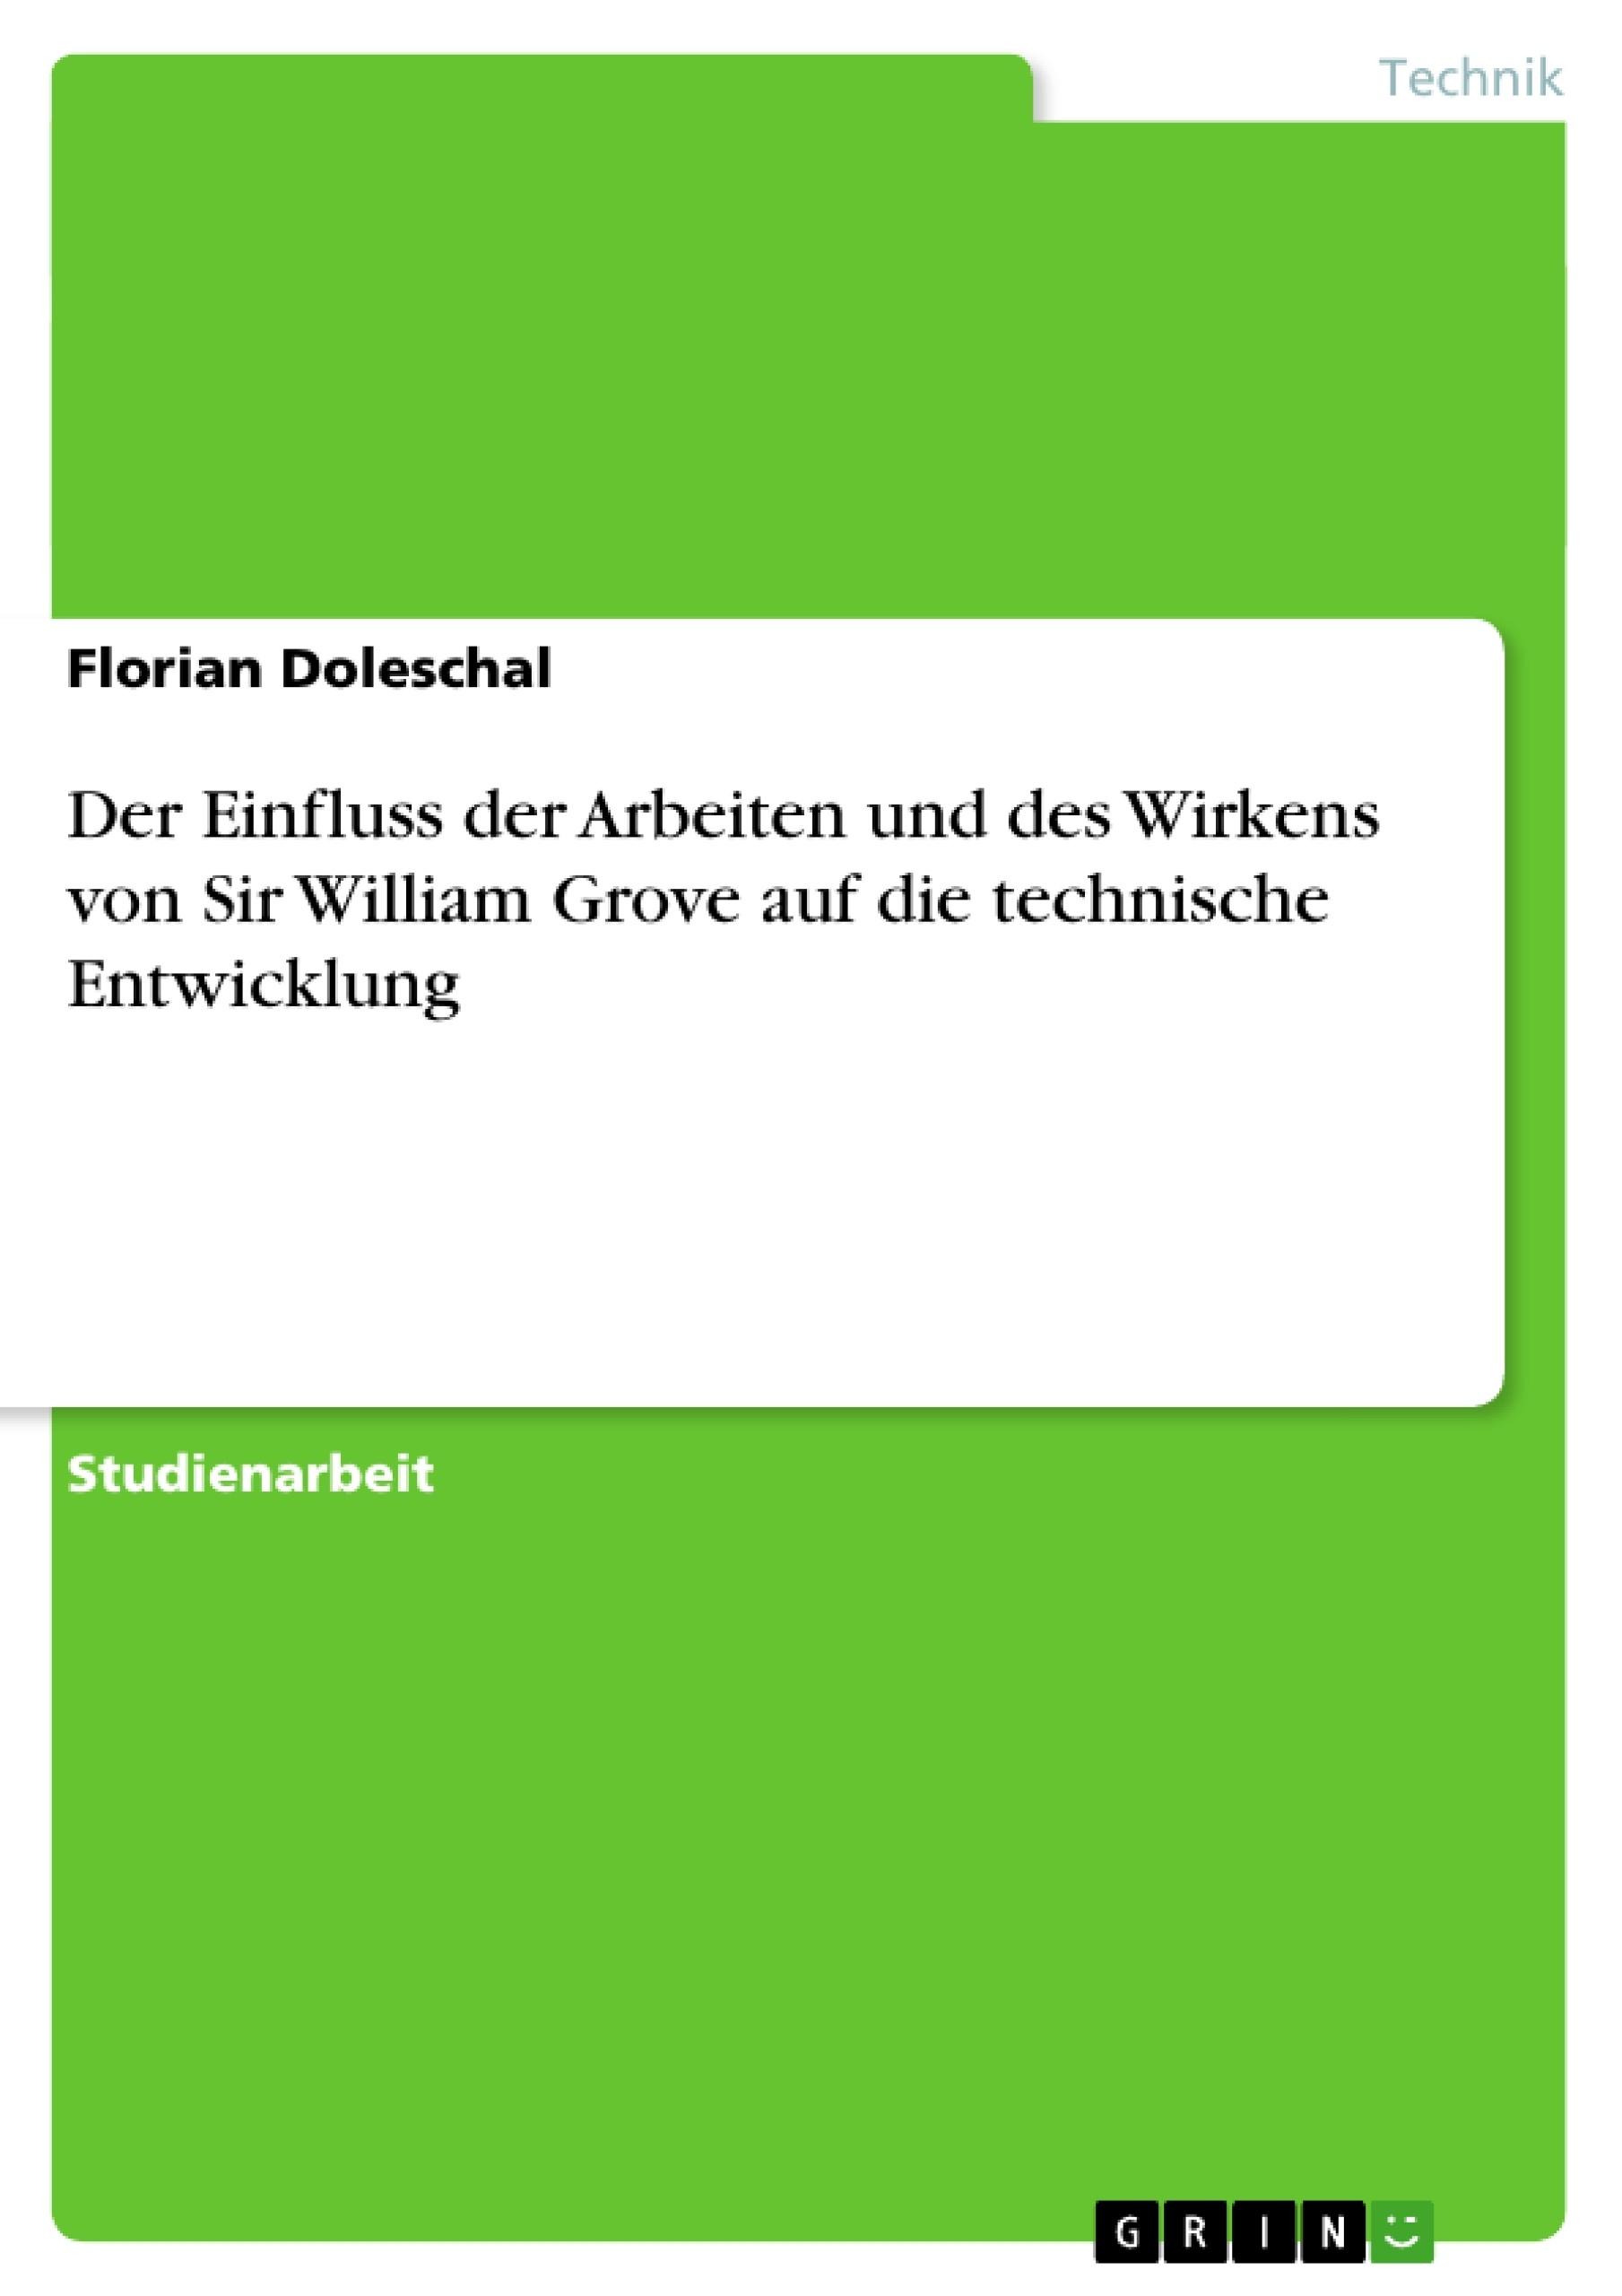 Titel: Der Einfluss der Arbeiten und des Wirkens von Sir William Grove auf die technische Entwicklung